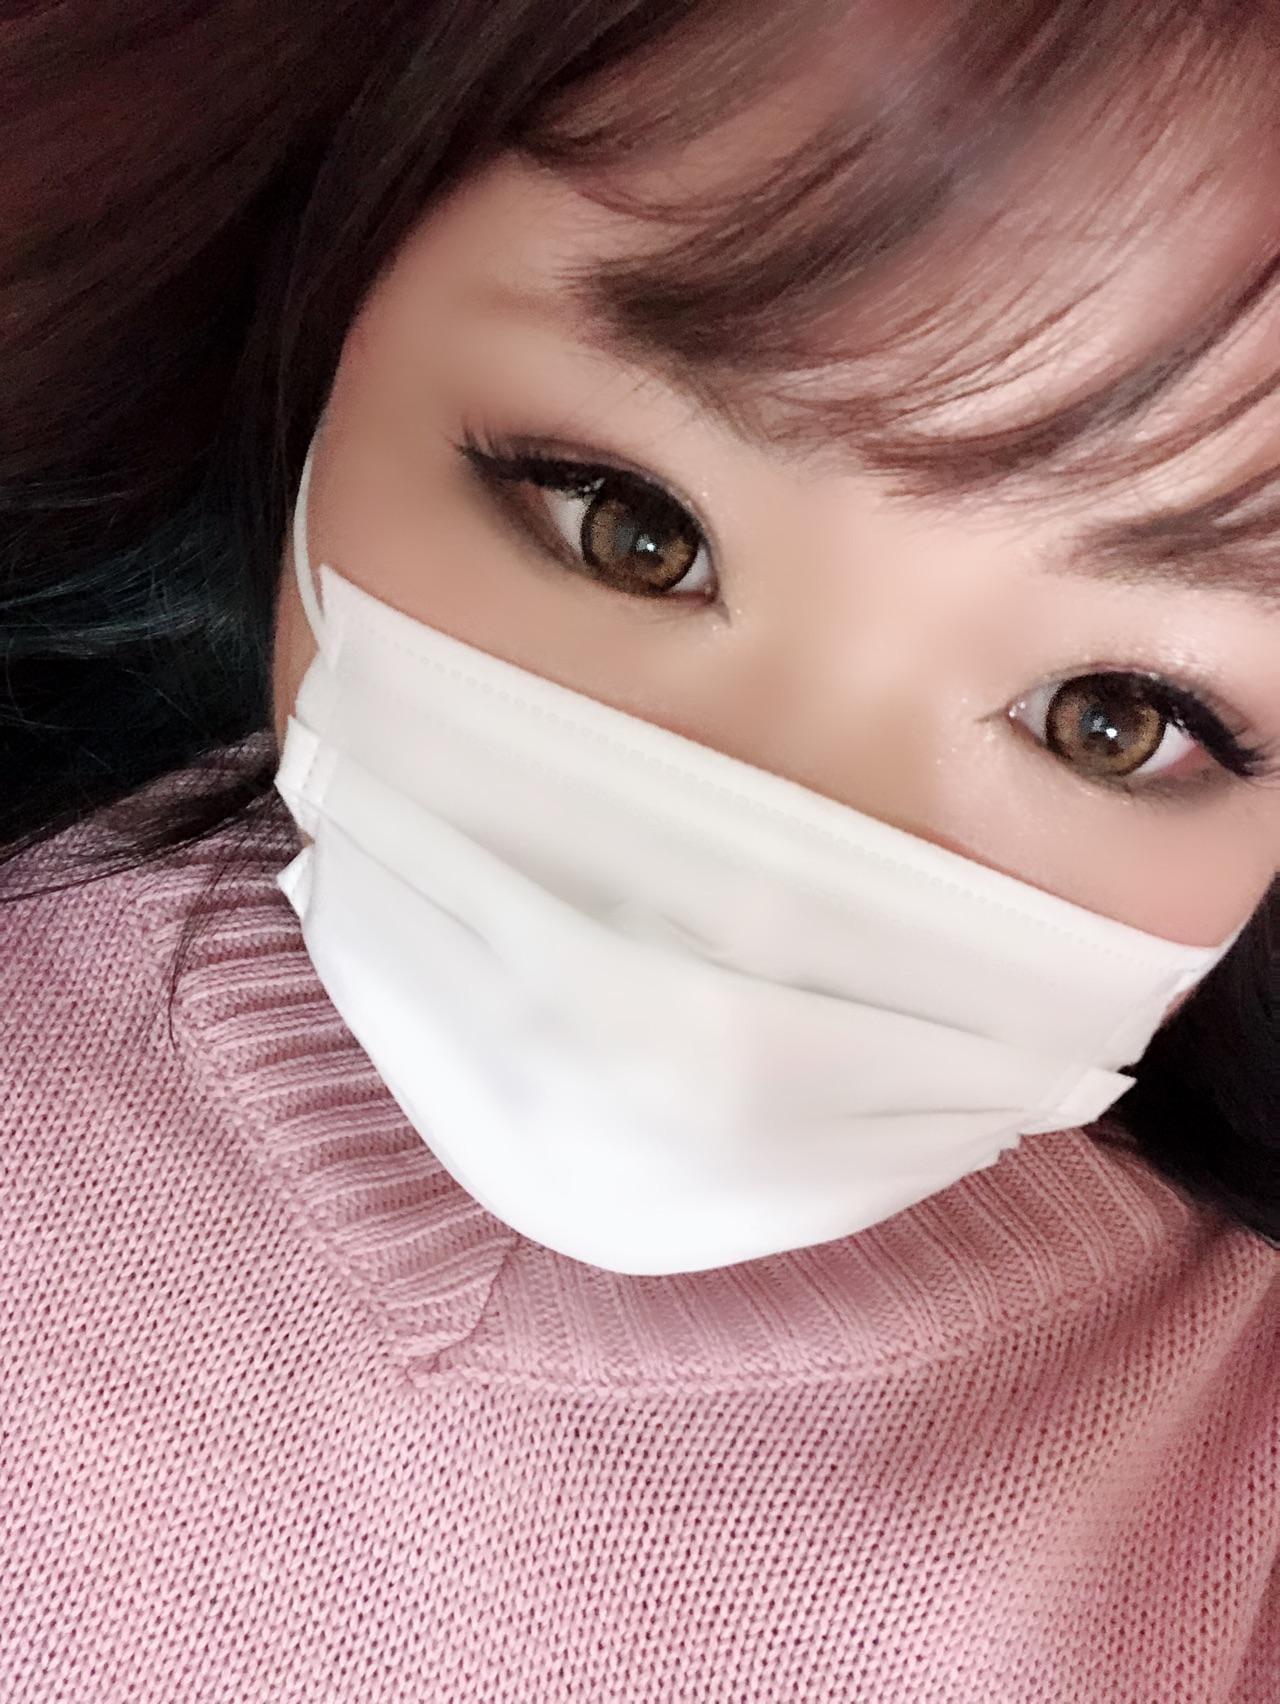 「ぼっち同士?」11/17日(土) 23:41 | みれい☆はさんでほし~のっ♡の写メ・風俗動画